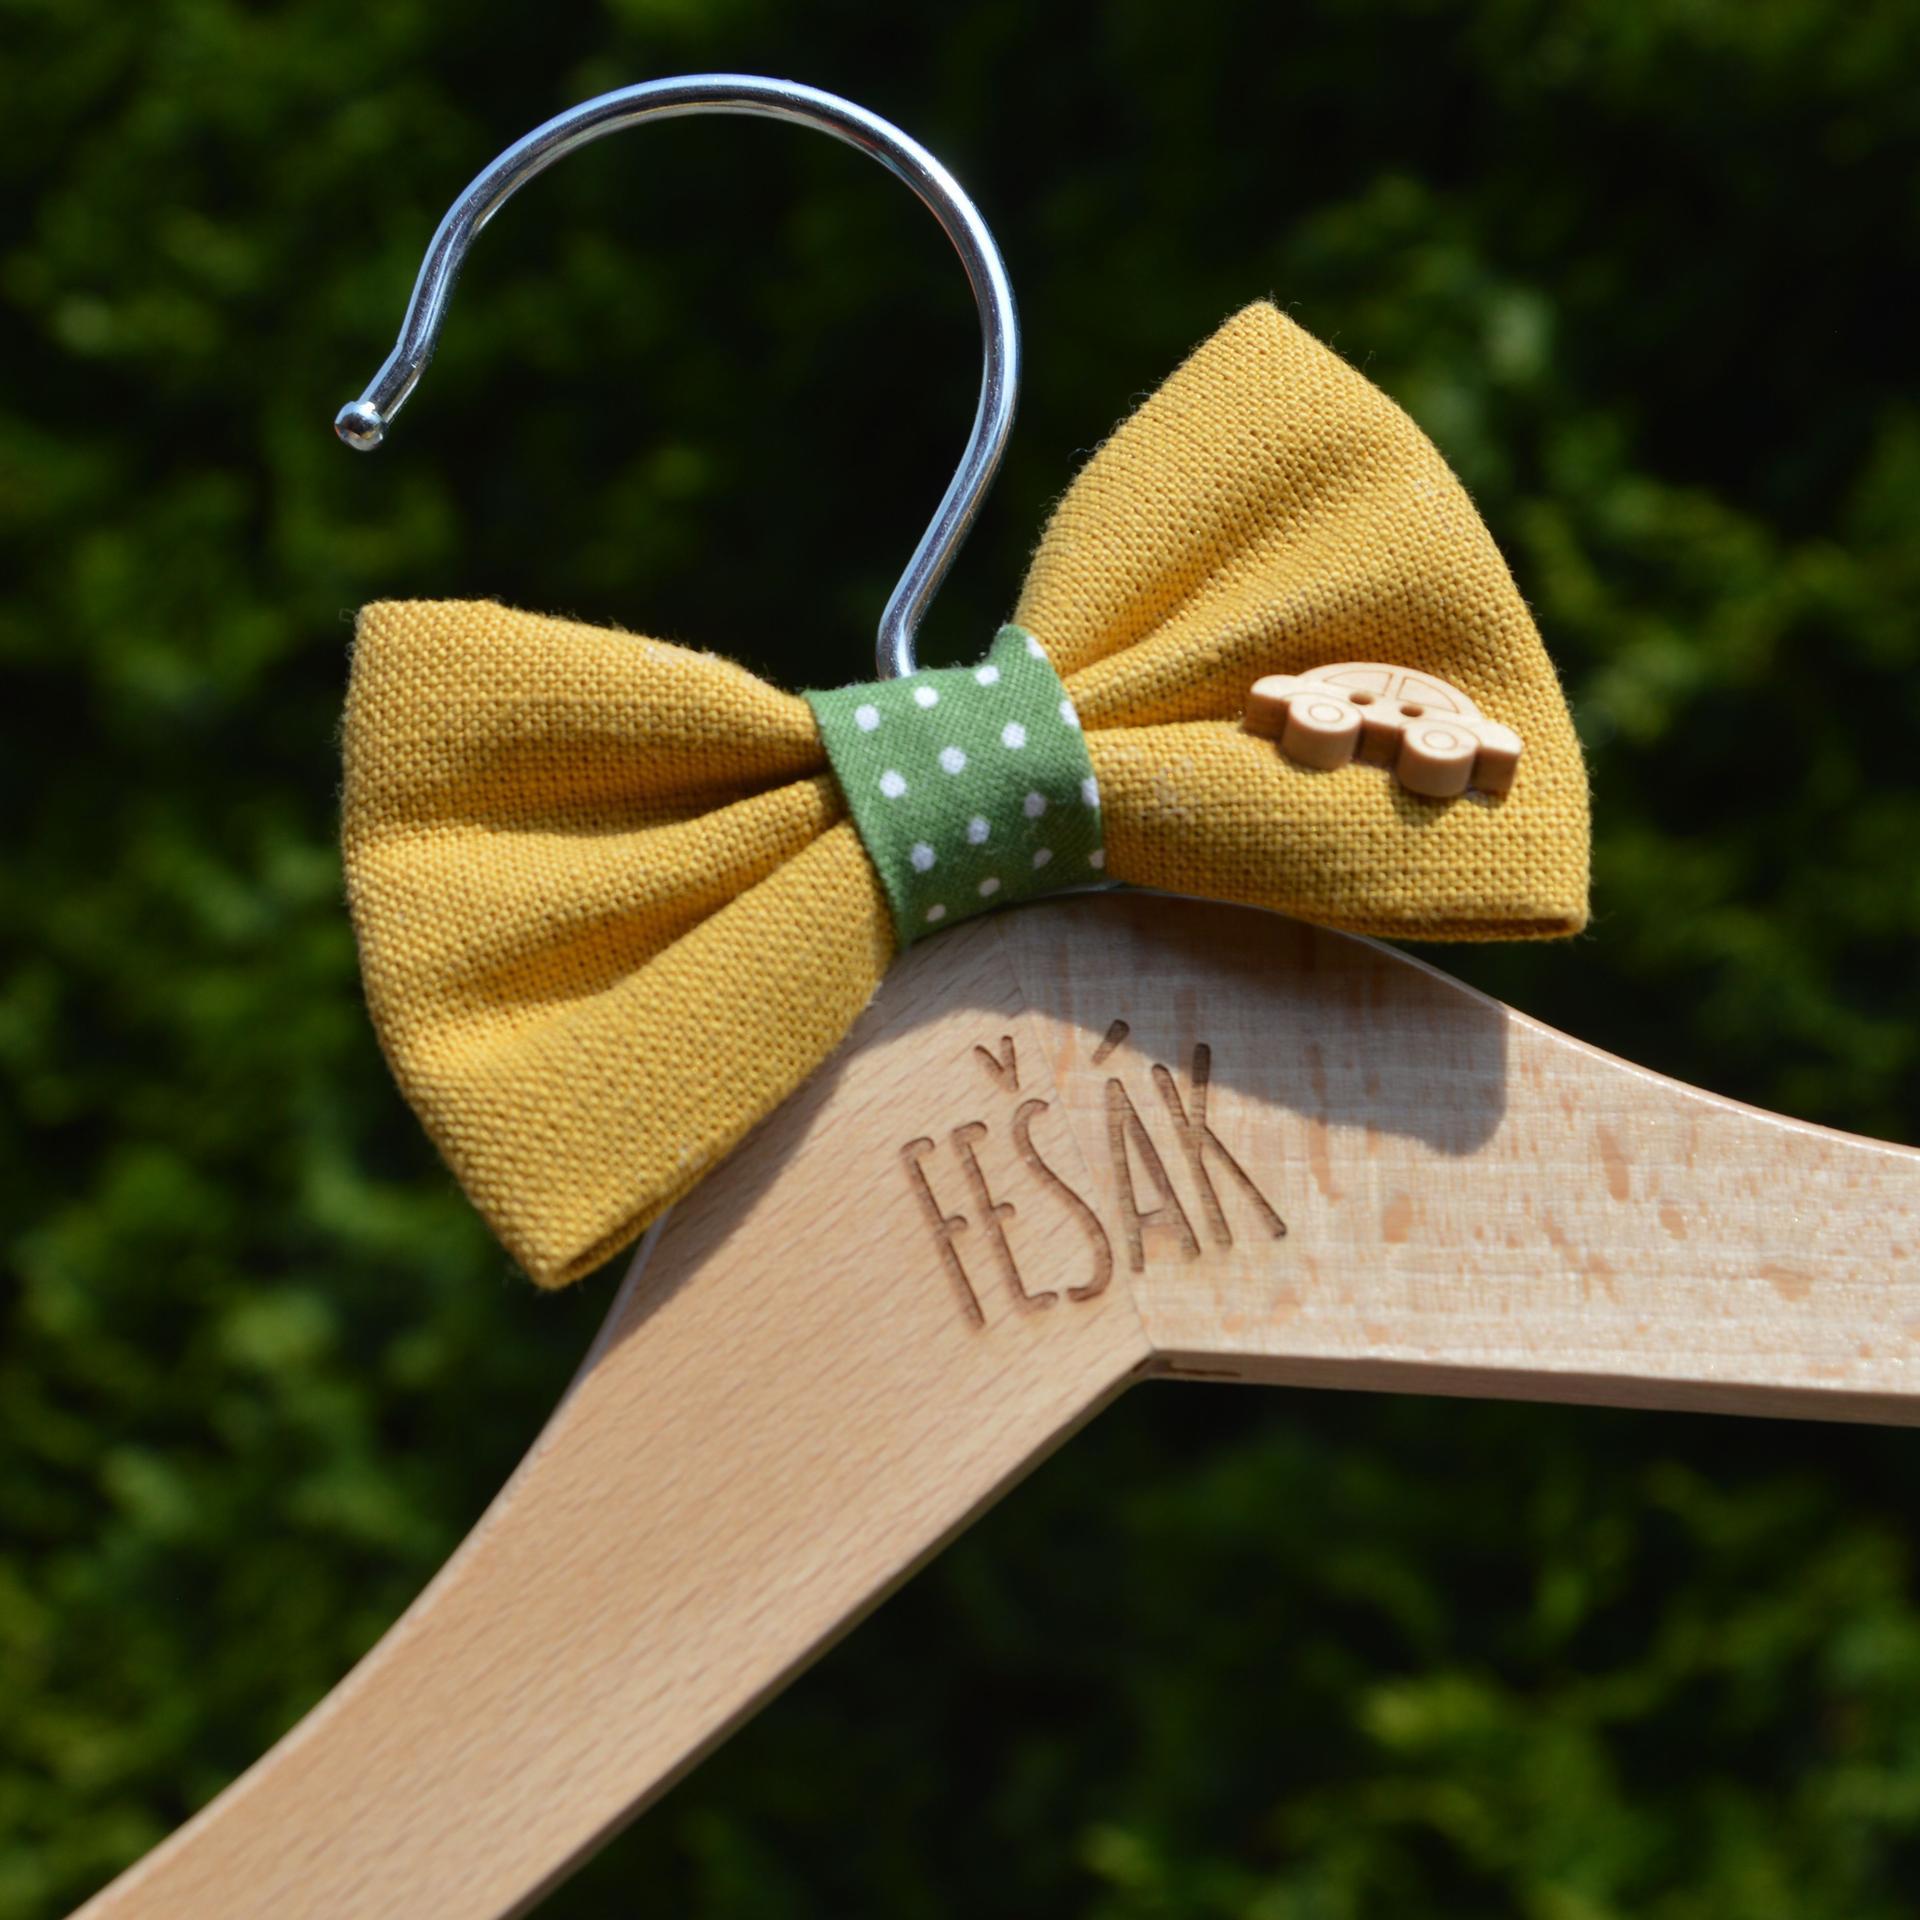 Originální Svatební Doplňky - dětský věšáček se zdobením pro malého družbu :-)